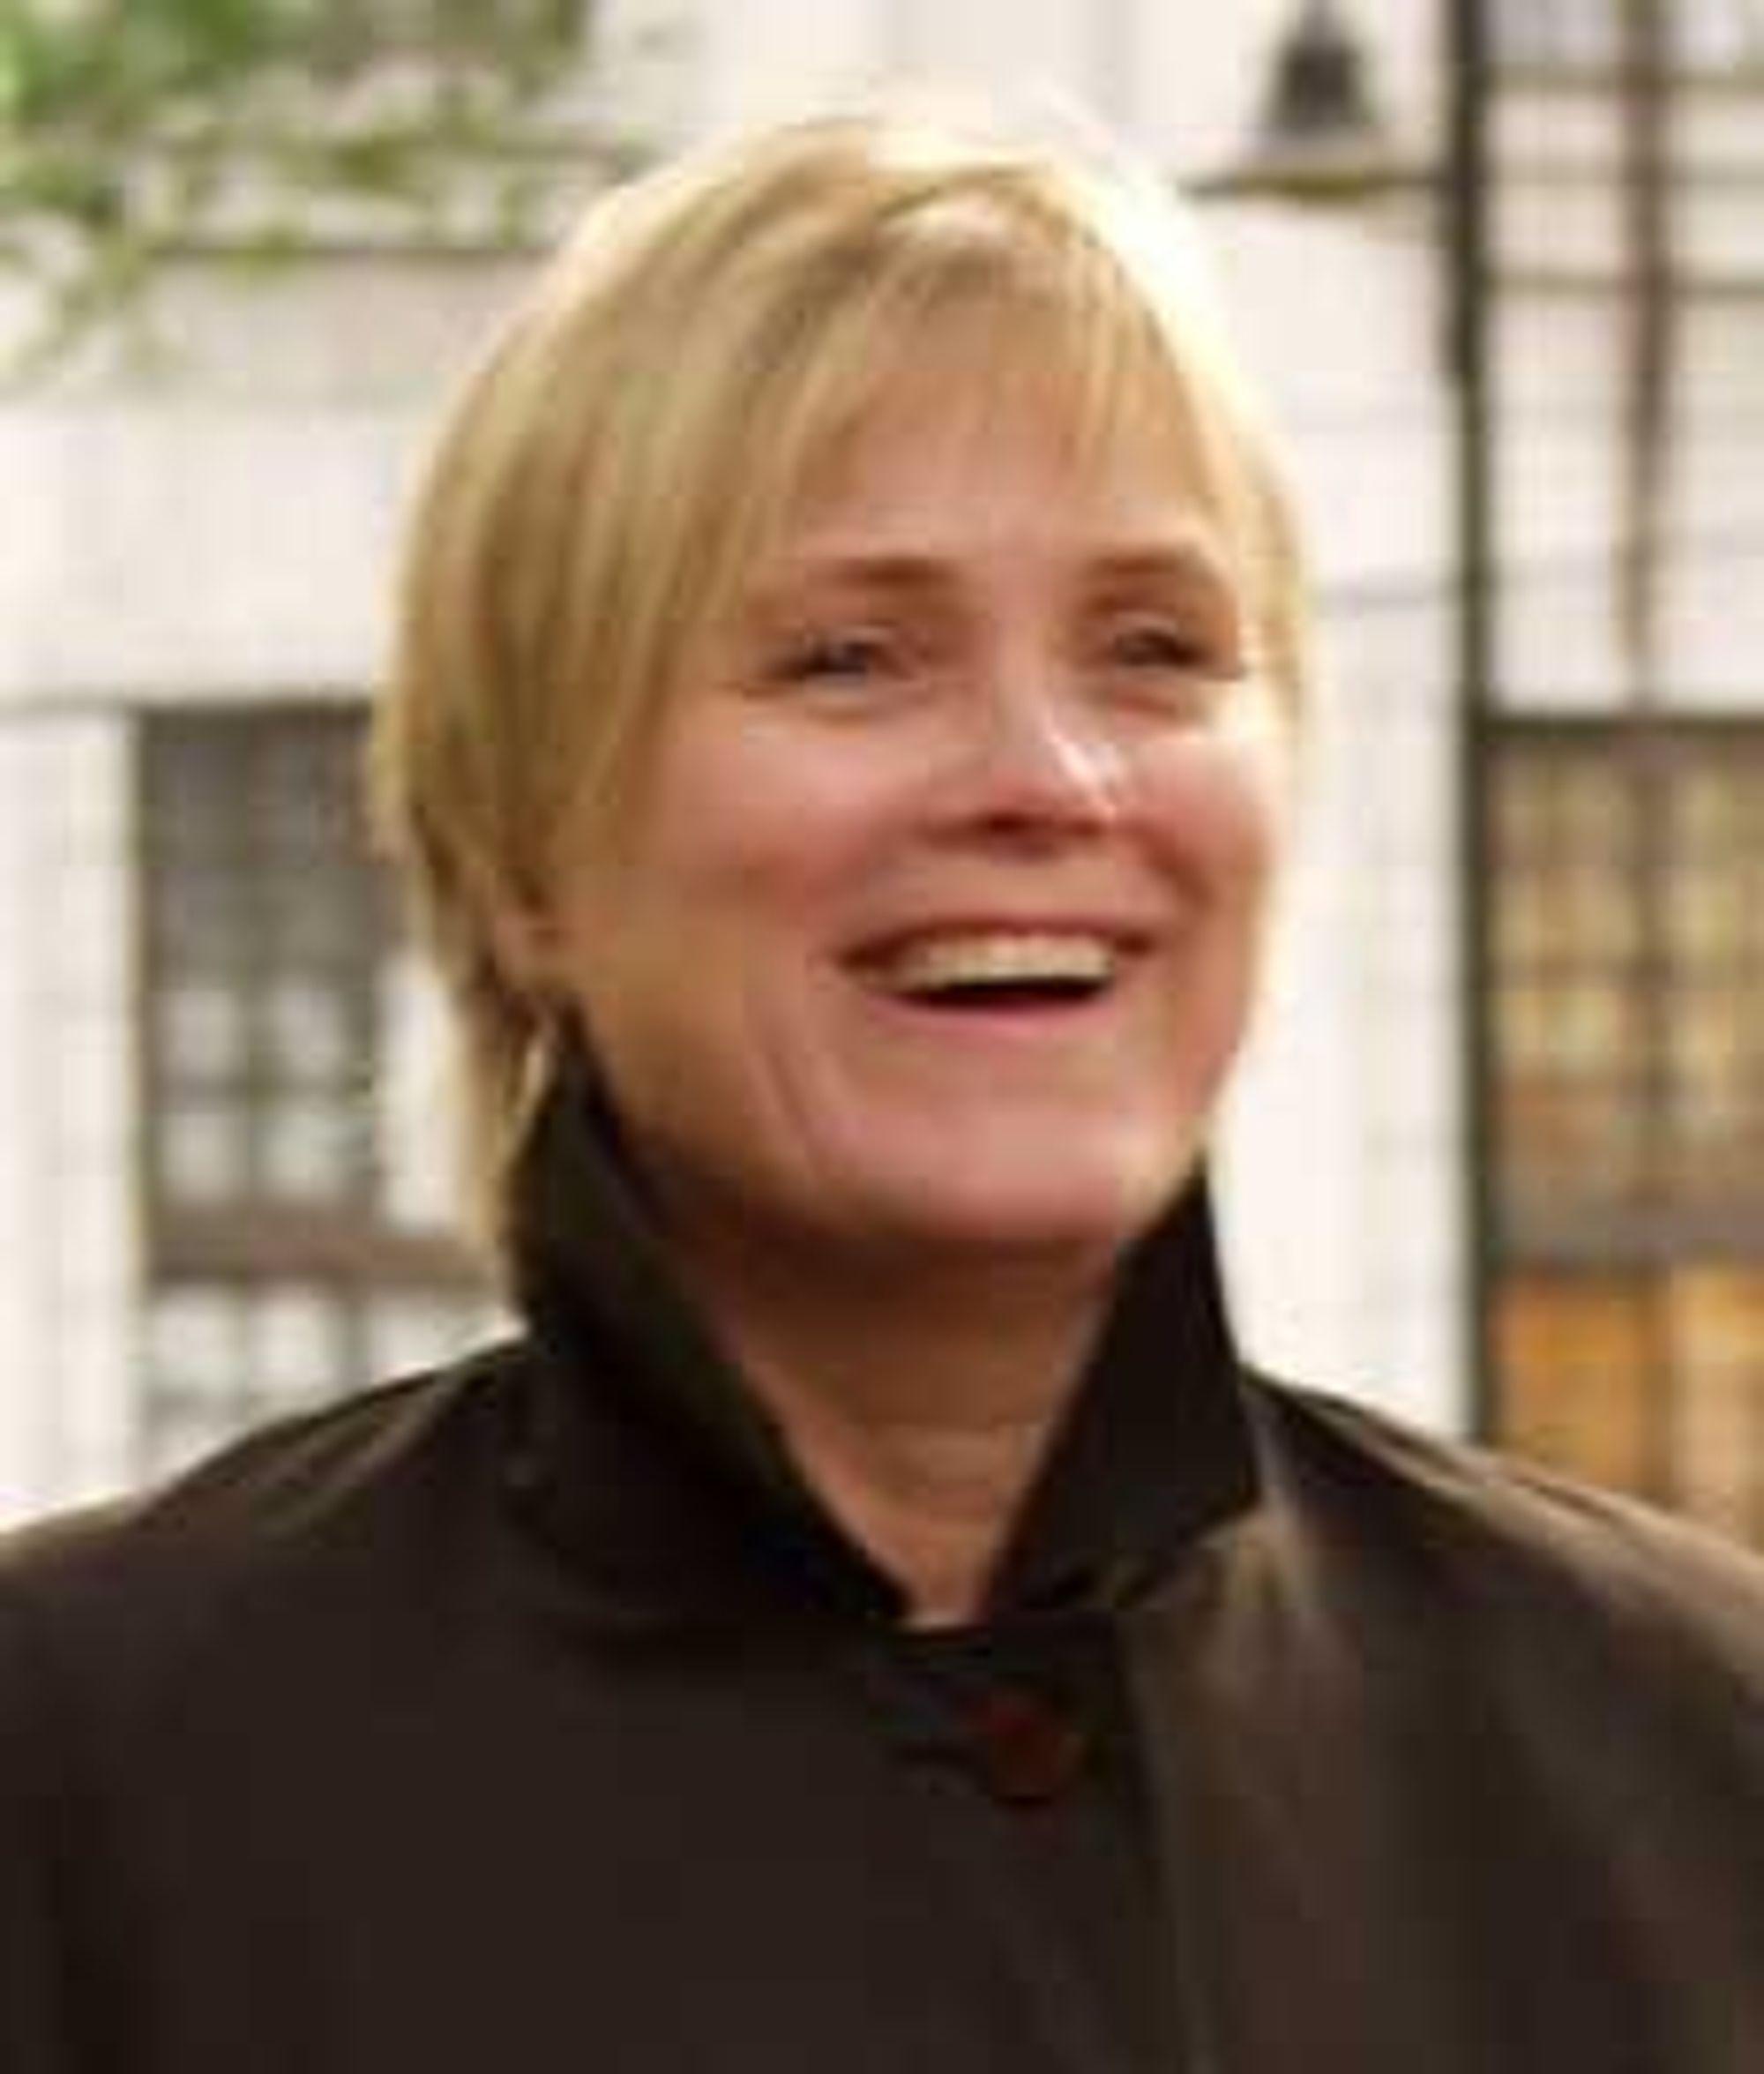 KAN GLISE: Olje og Energiminister Thorhild Widvey har fått oljeindustrien på banen. Investeringene på sokkelen når nye rekordhøyder. FOTO: AJS